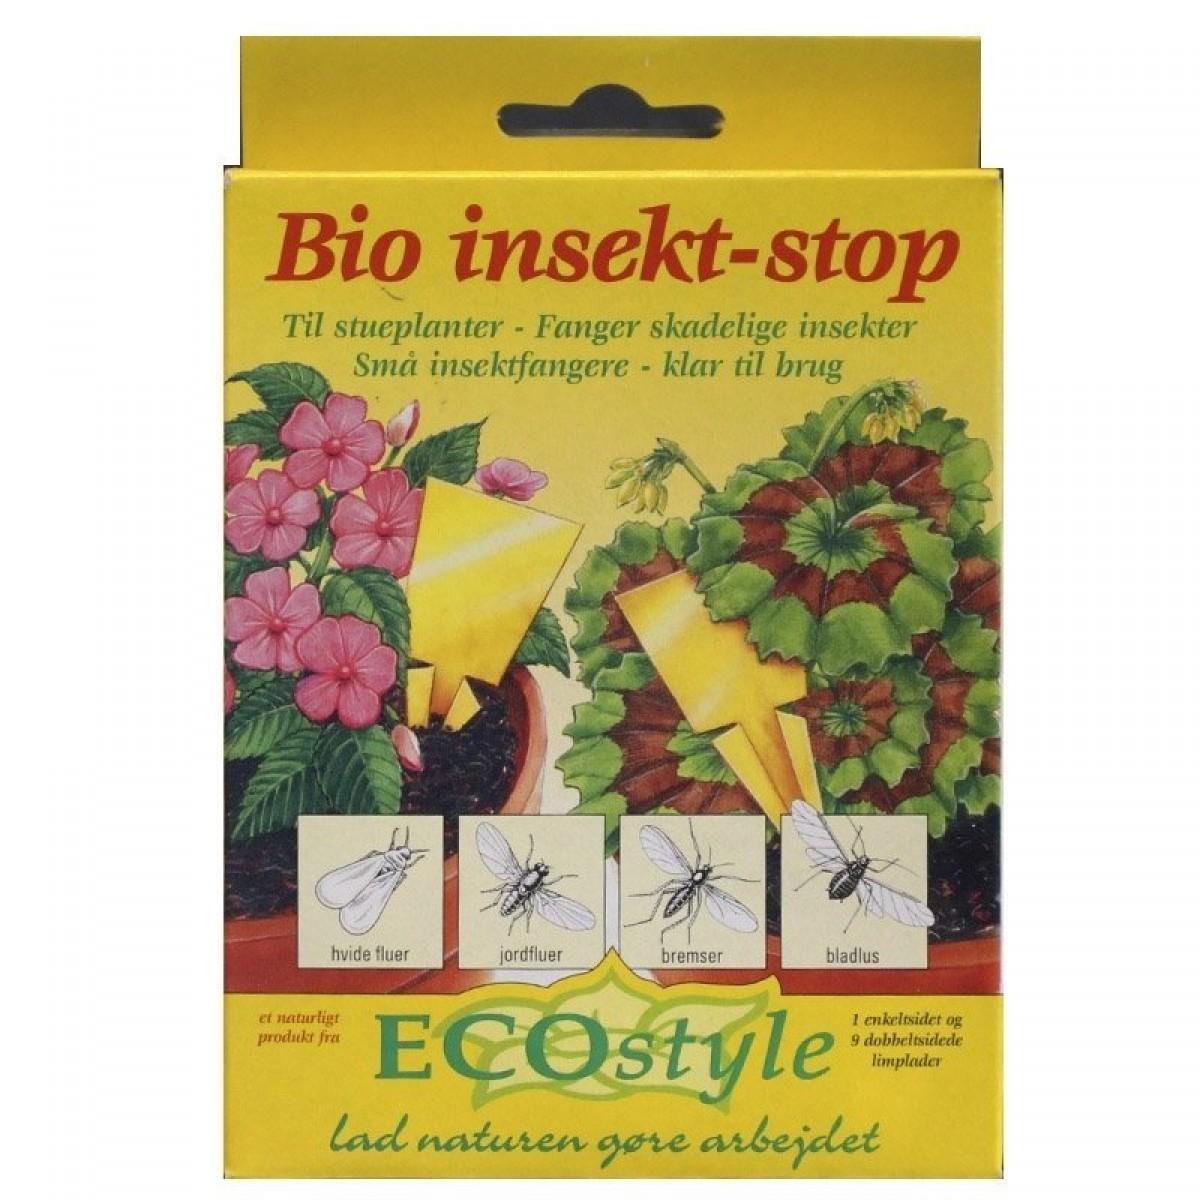 Fremragende Bio insekt-stop Ecostyle - Hurtig levering HN98